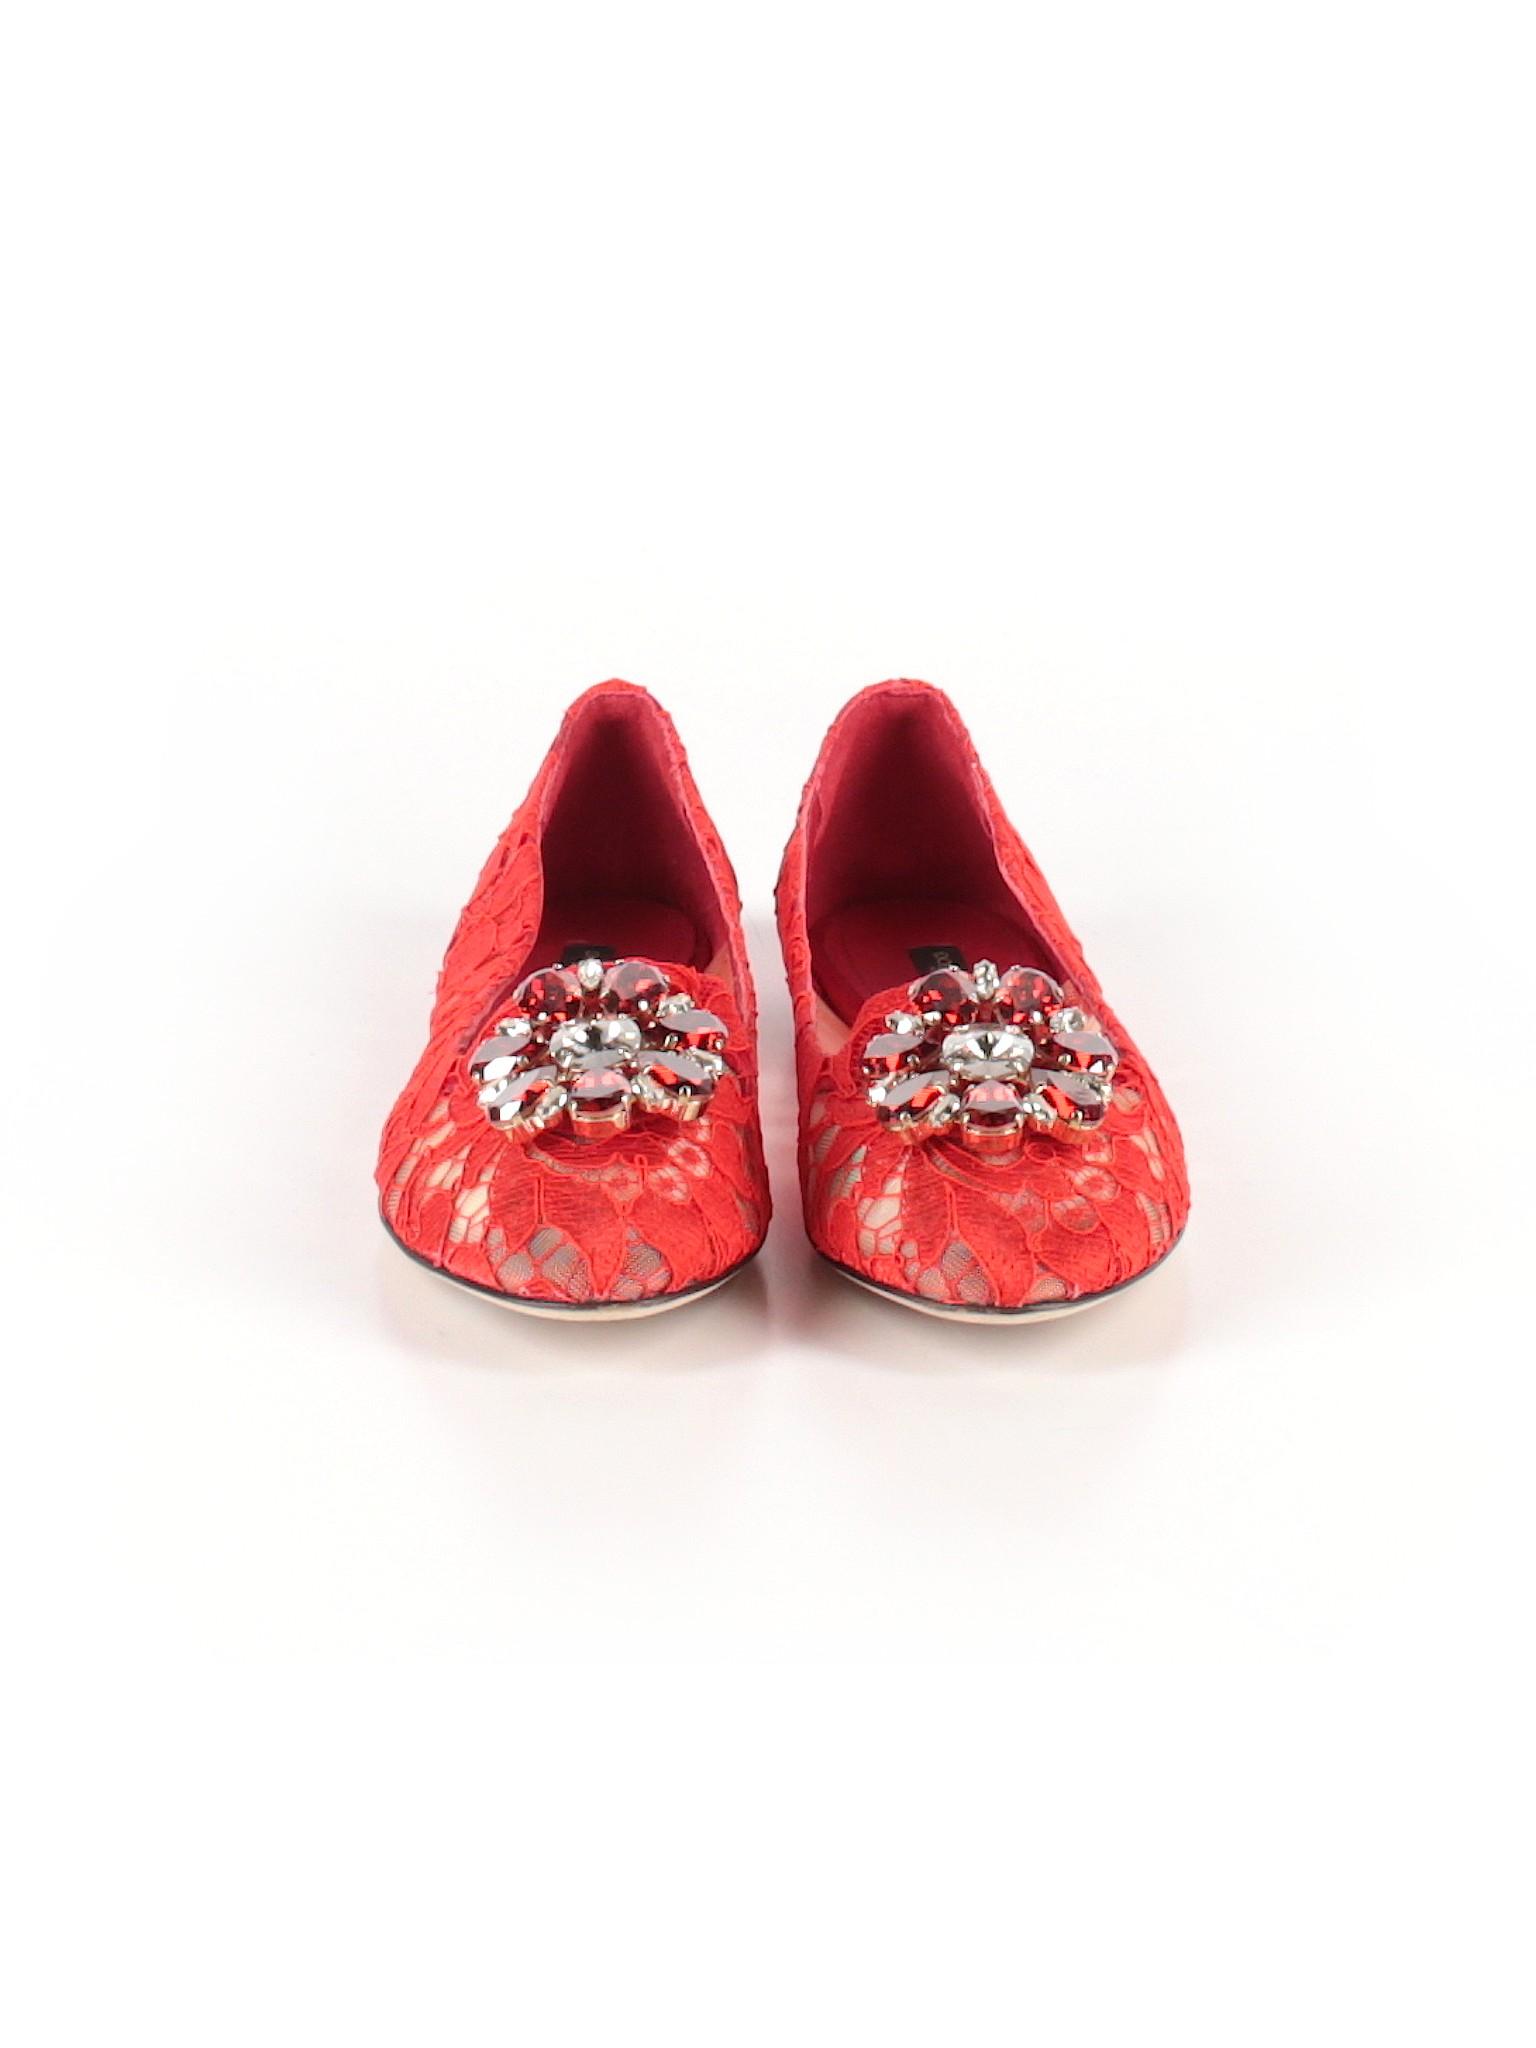 promotion Boutique Flats Dolce amp; Gabbana 8vgxwxfqa